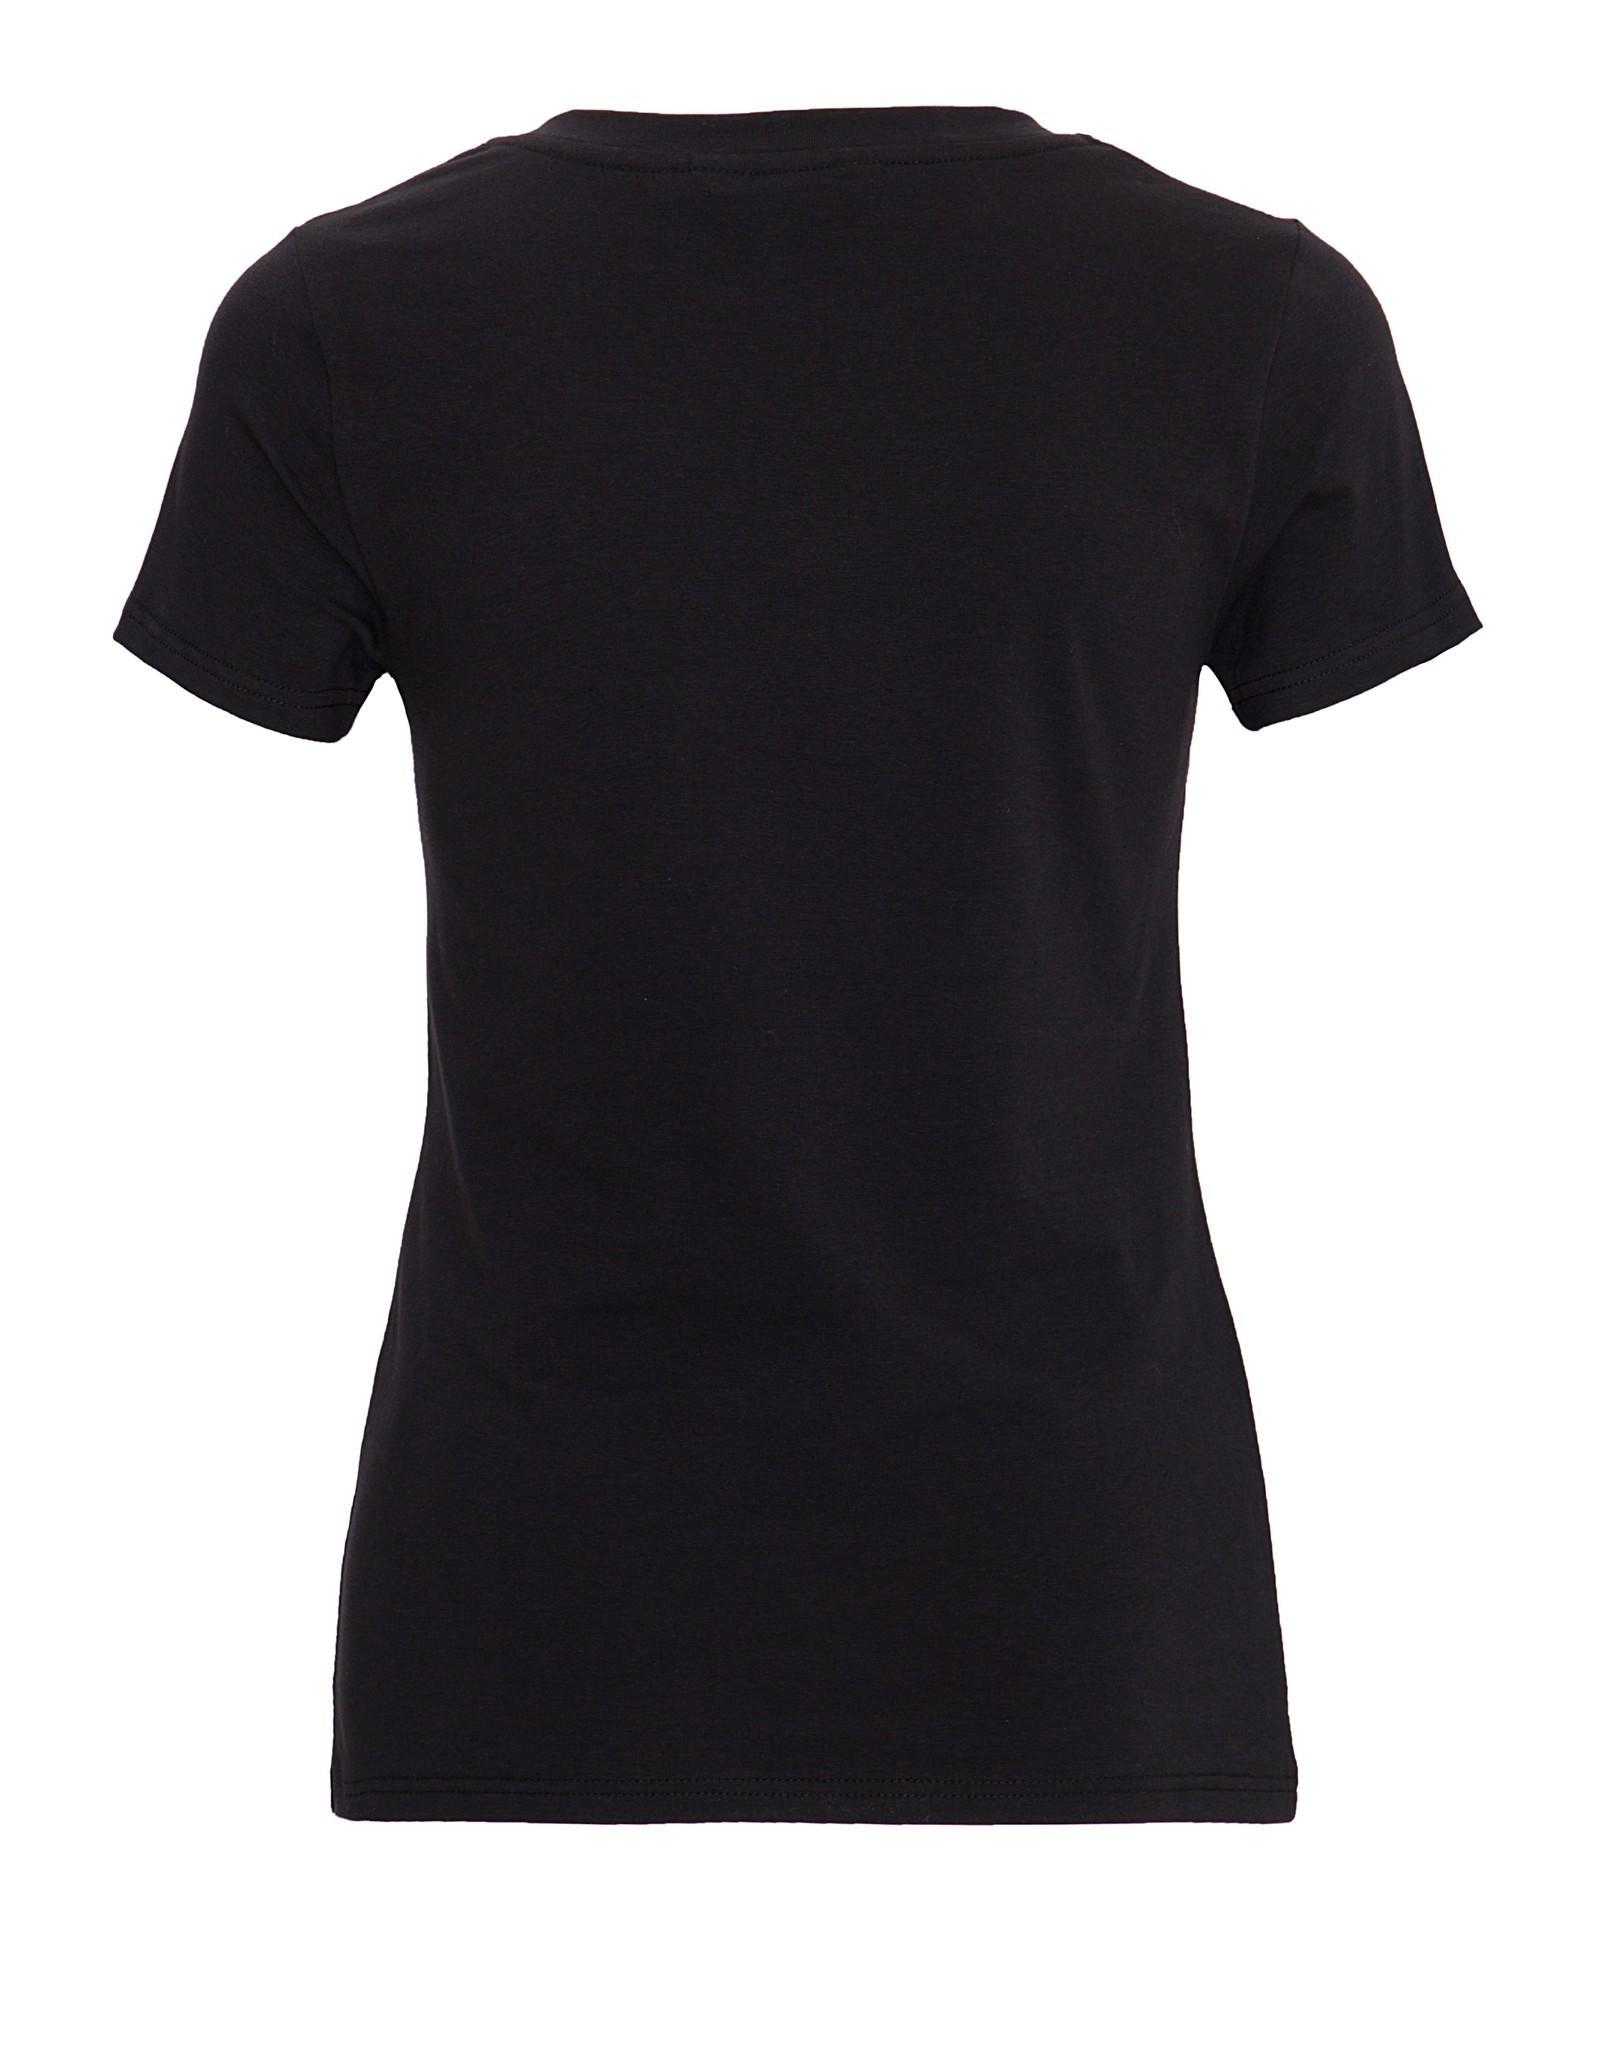 Queen Kerosin Queen Kerosin 50s T-Shirt We Can Do It in Black